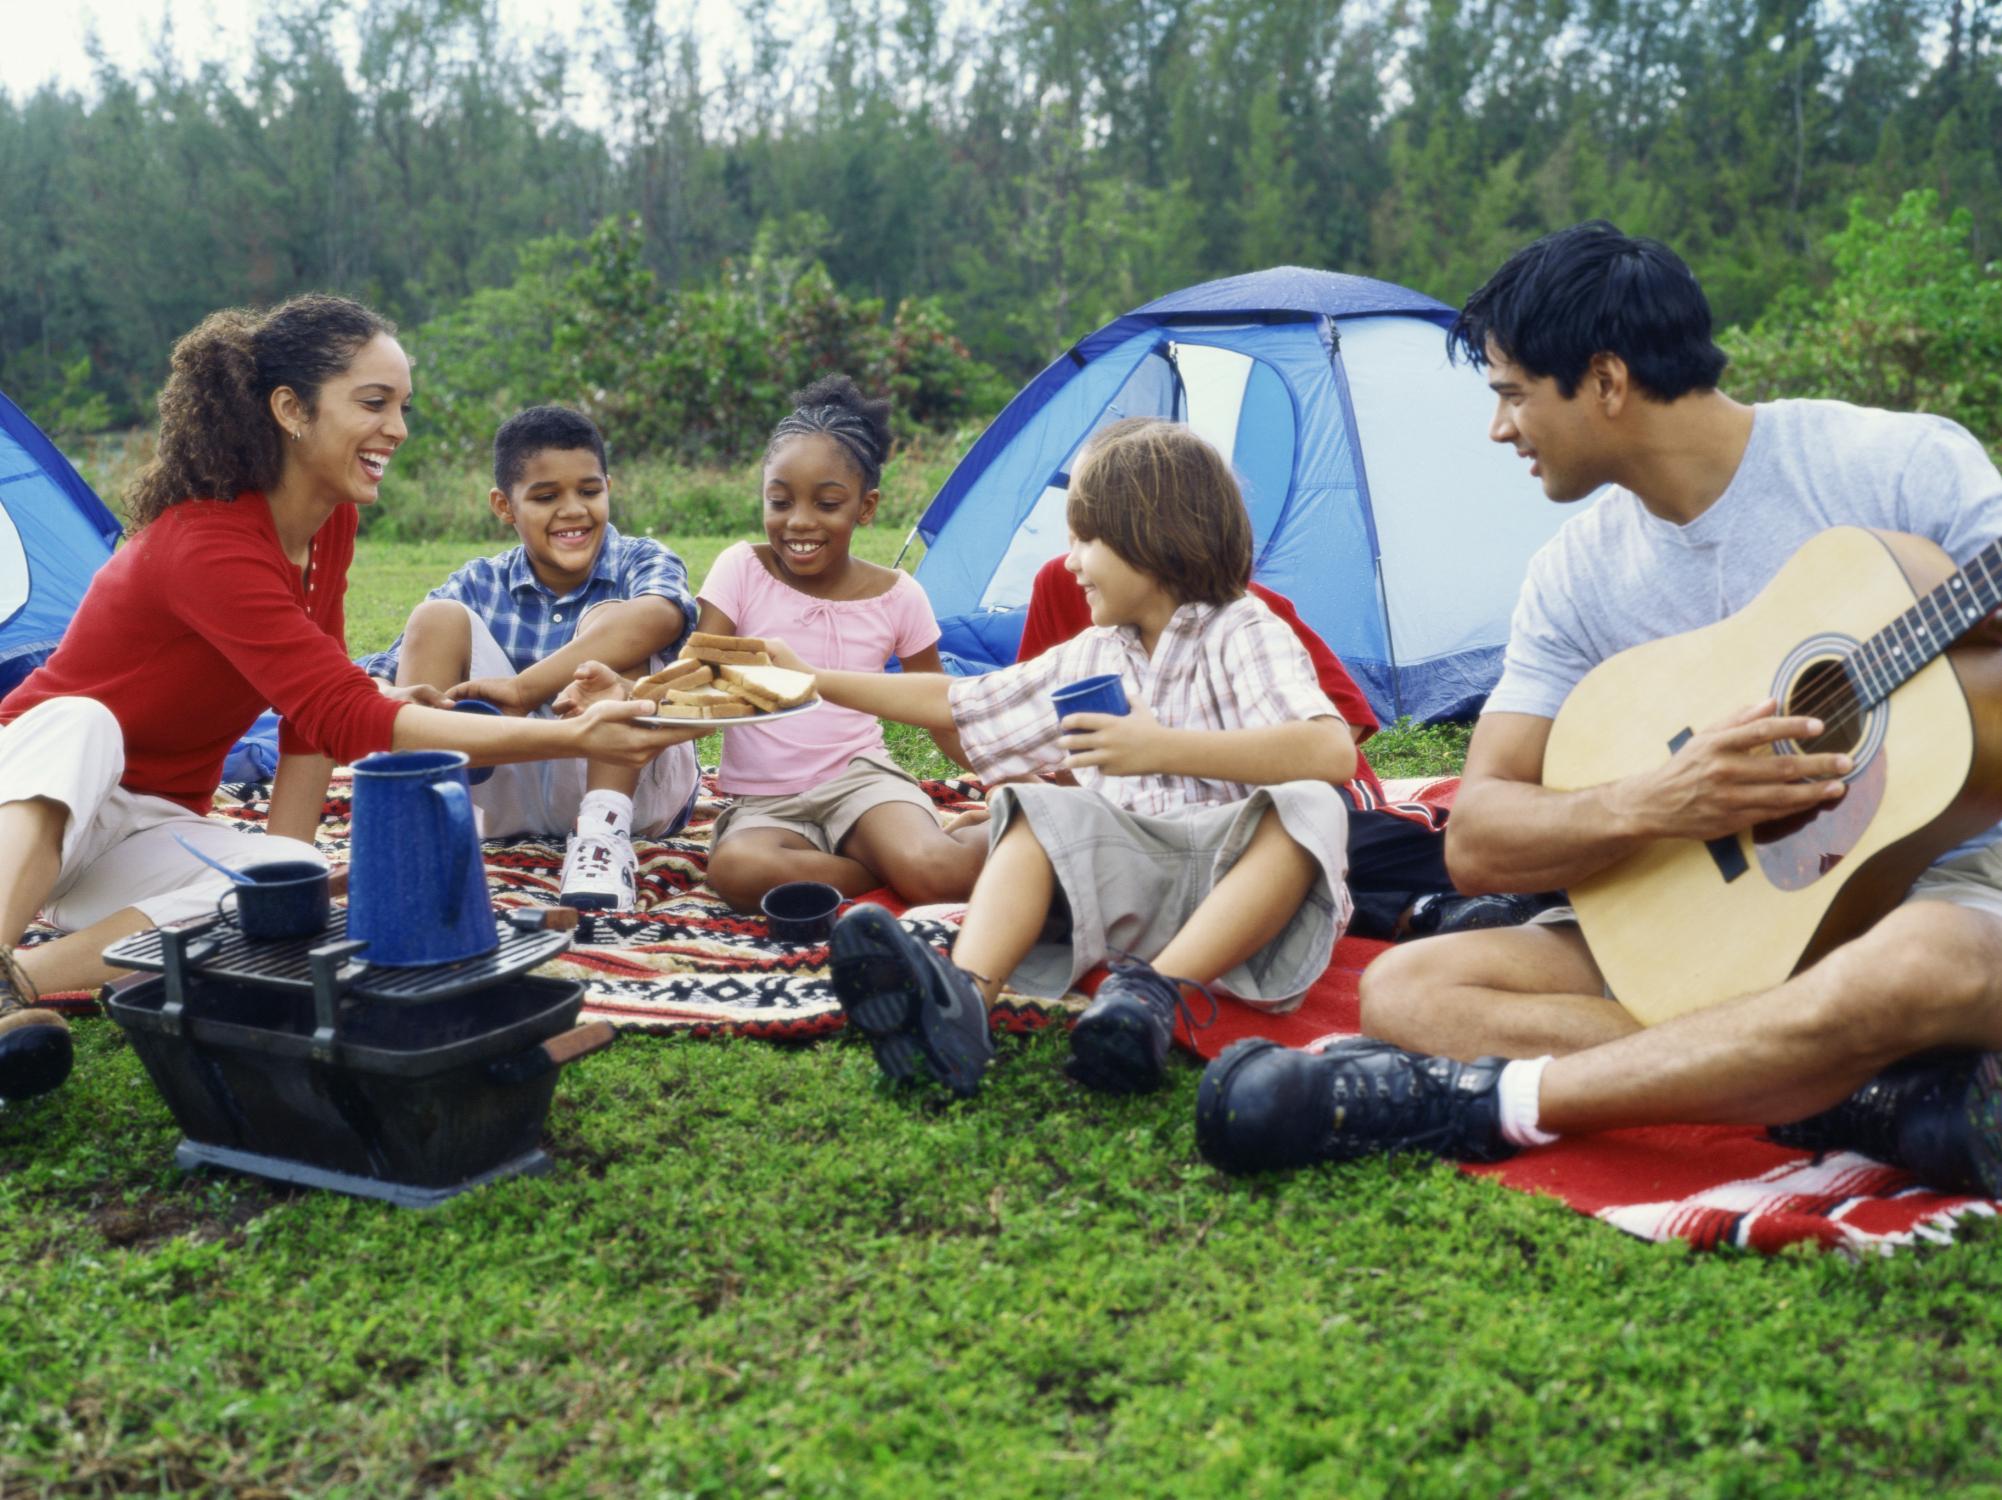 Diy Fantastic Outdoor Camping Ideas Easy Diy And Crafts